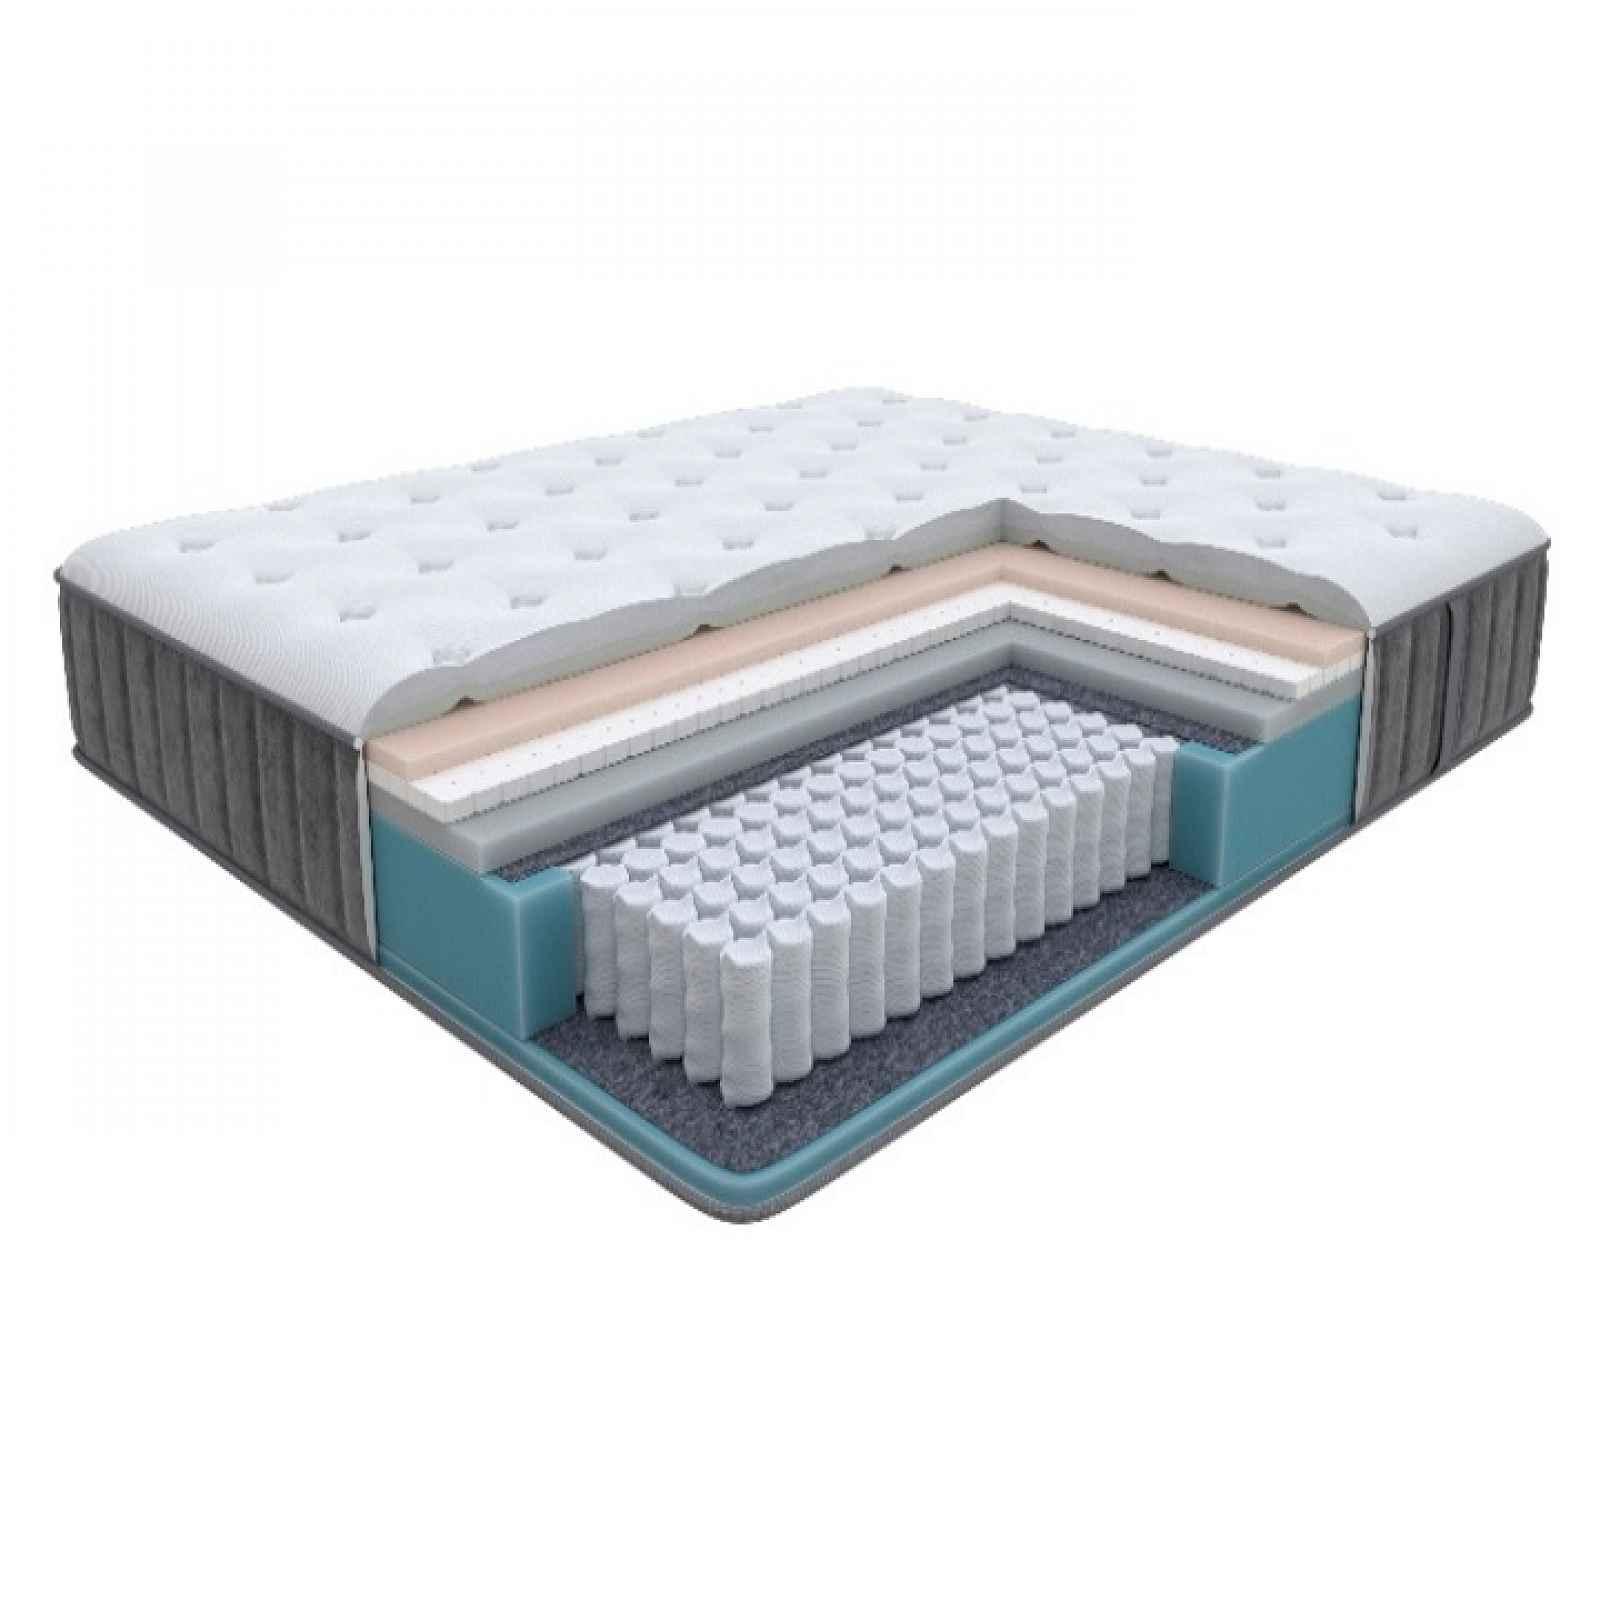 Enzio GLORY Soft 80 x 200 x 27 cm měkká vysoká luxusní pružinová matrace